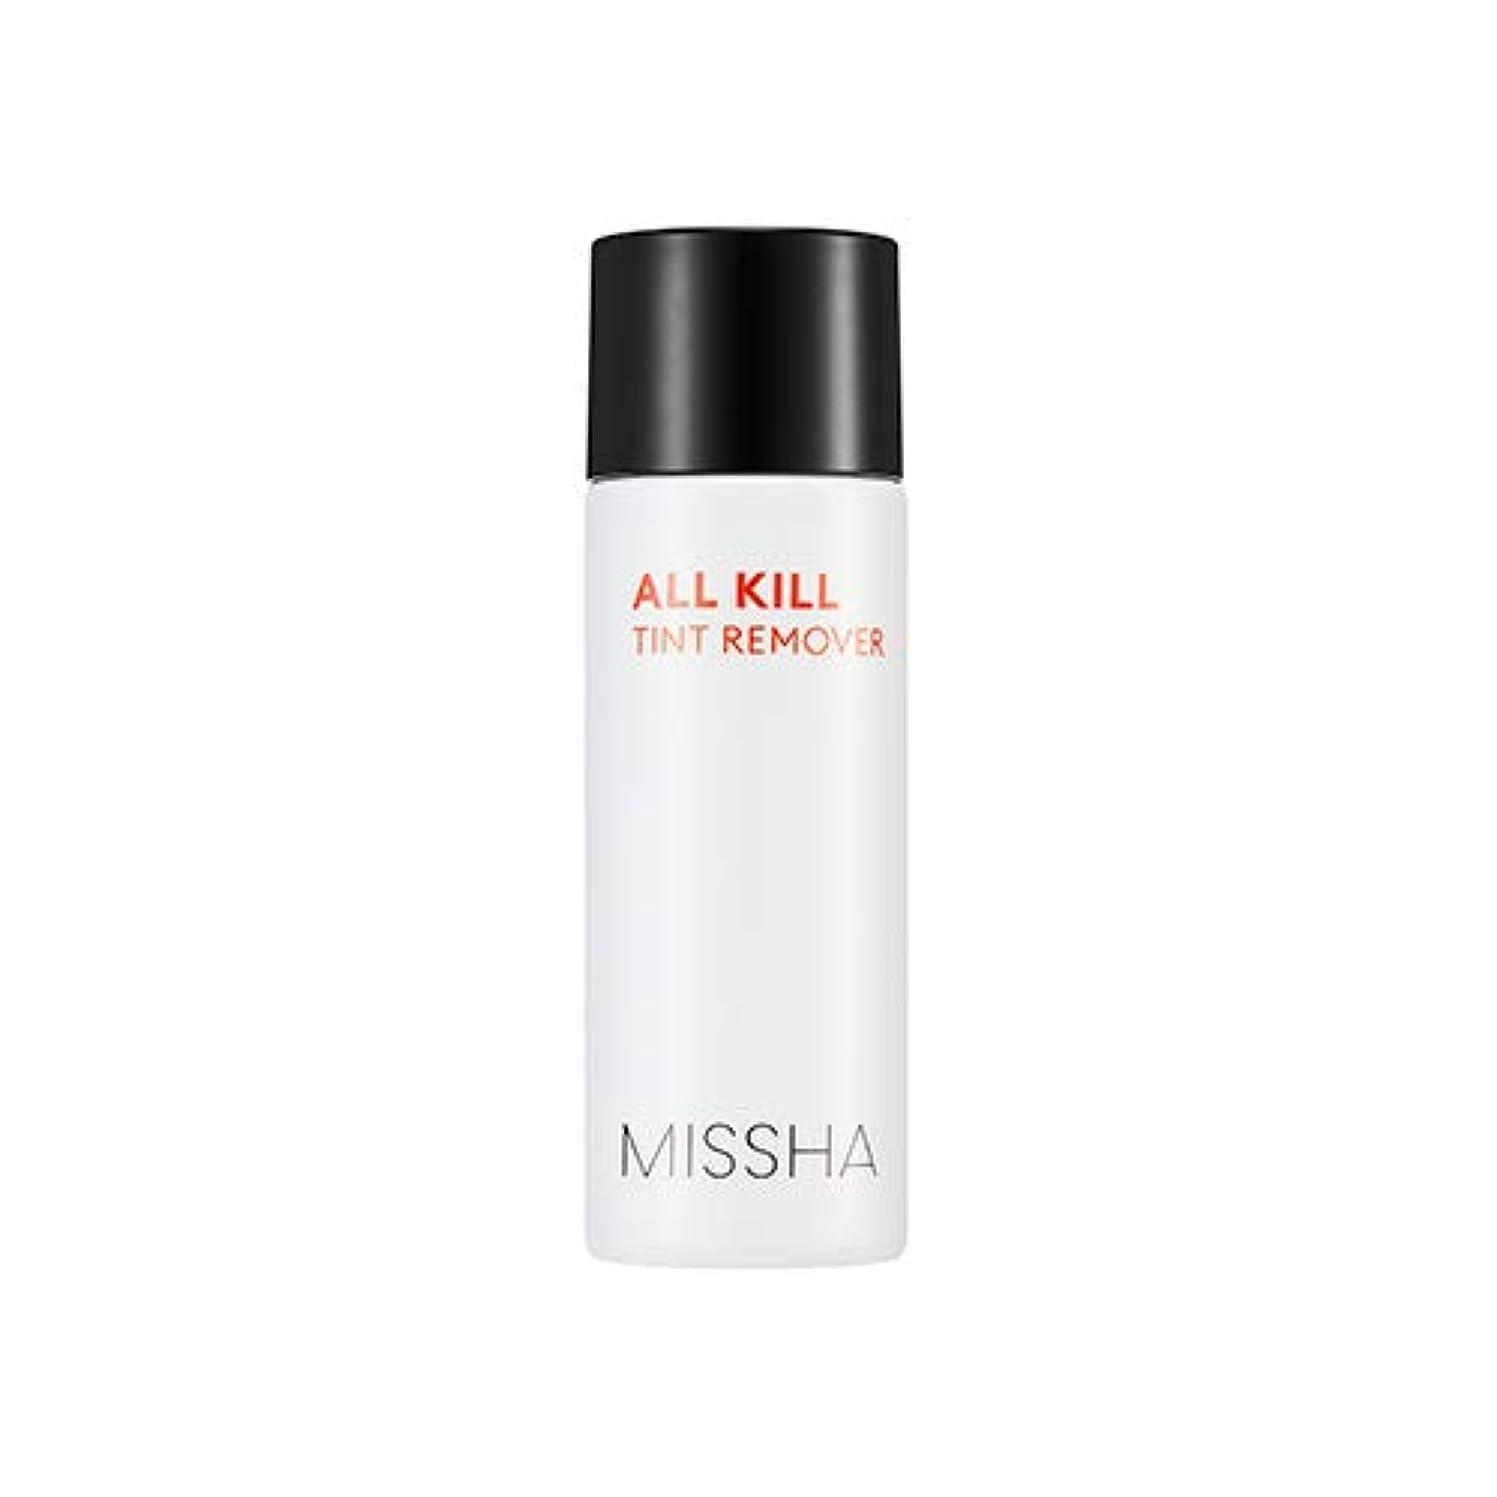 [1+1] ミシャ オールキルティントリムーバー/MISSHA ALL KILL TINT REMOVER 30ml*2ea [並行輸入品]